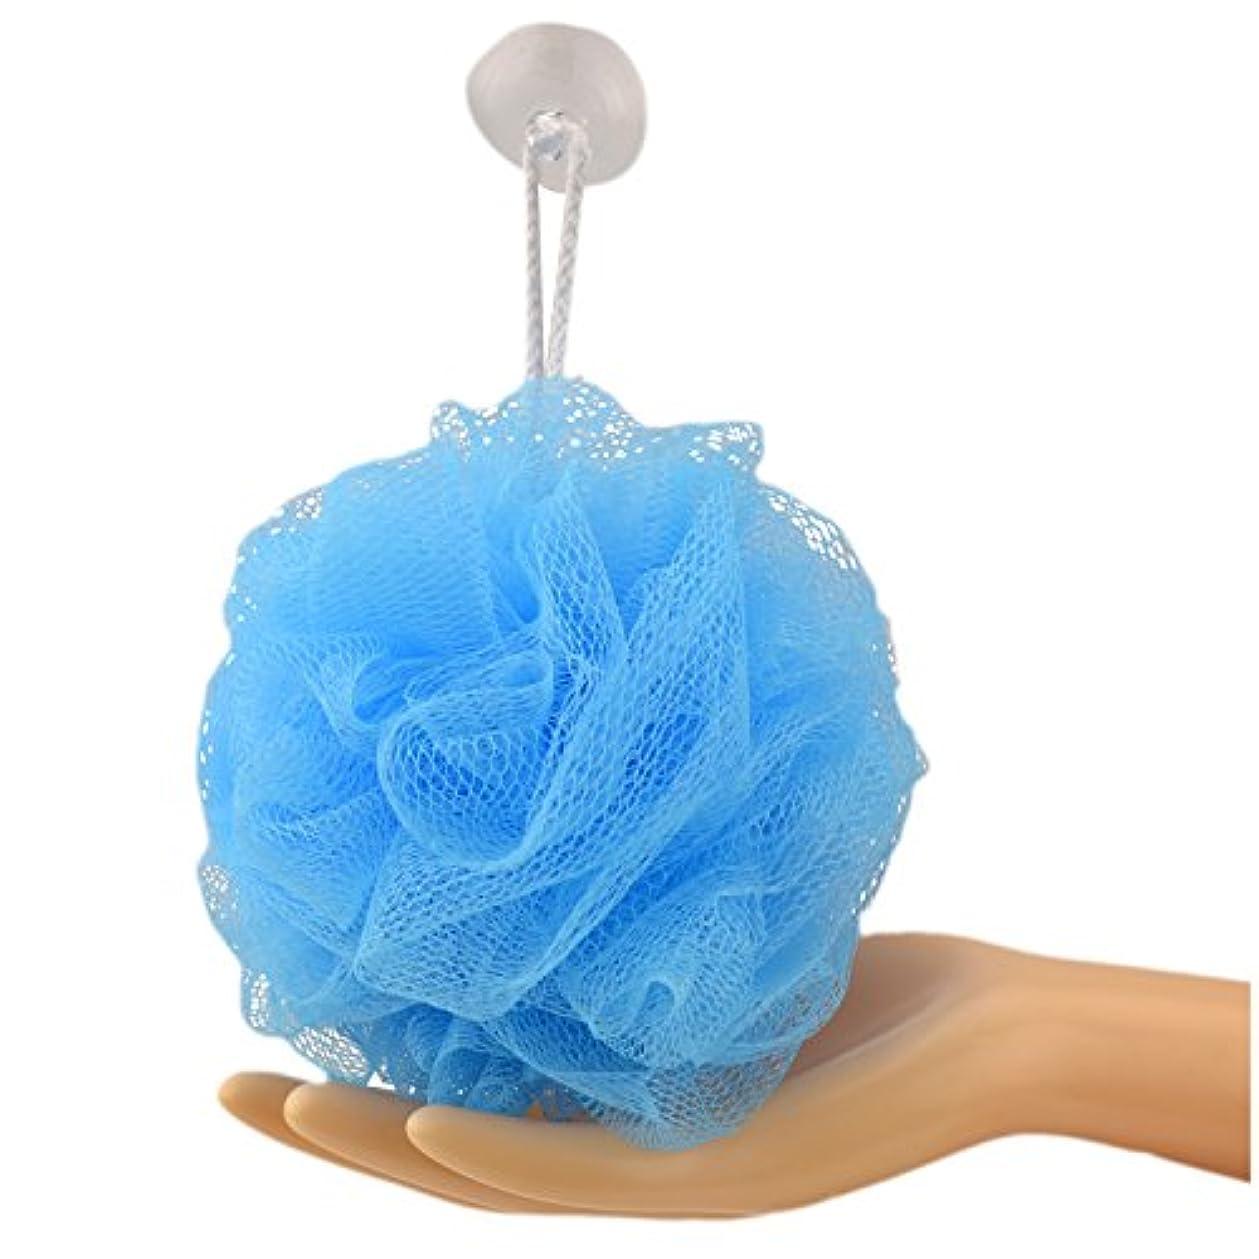 優れました内なる不完全な一枚入 耐久性のボディウォッシュボール崩れない 長持ち、沐浴球全6色フラワーボール泡立てネット ボディ、花ボディースポンジ (Large 60g, ブルー)